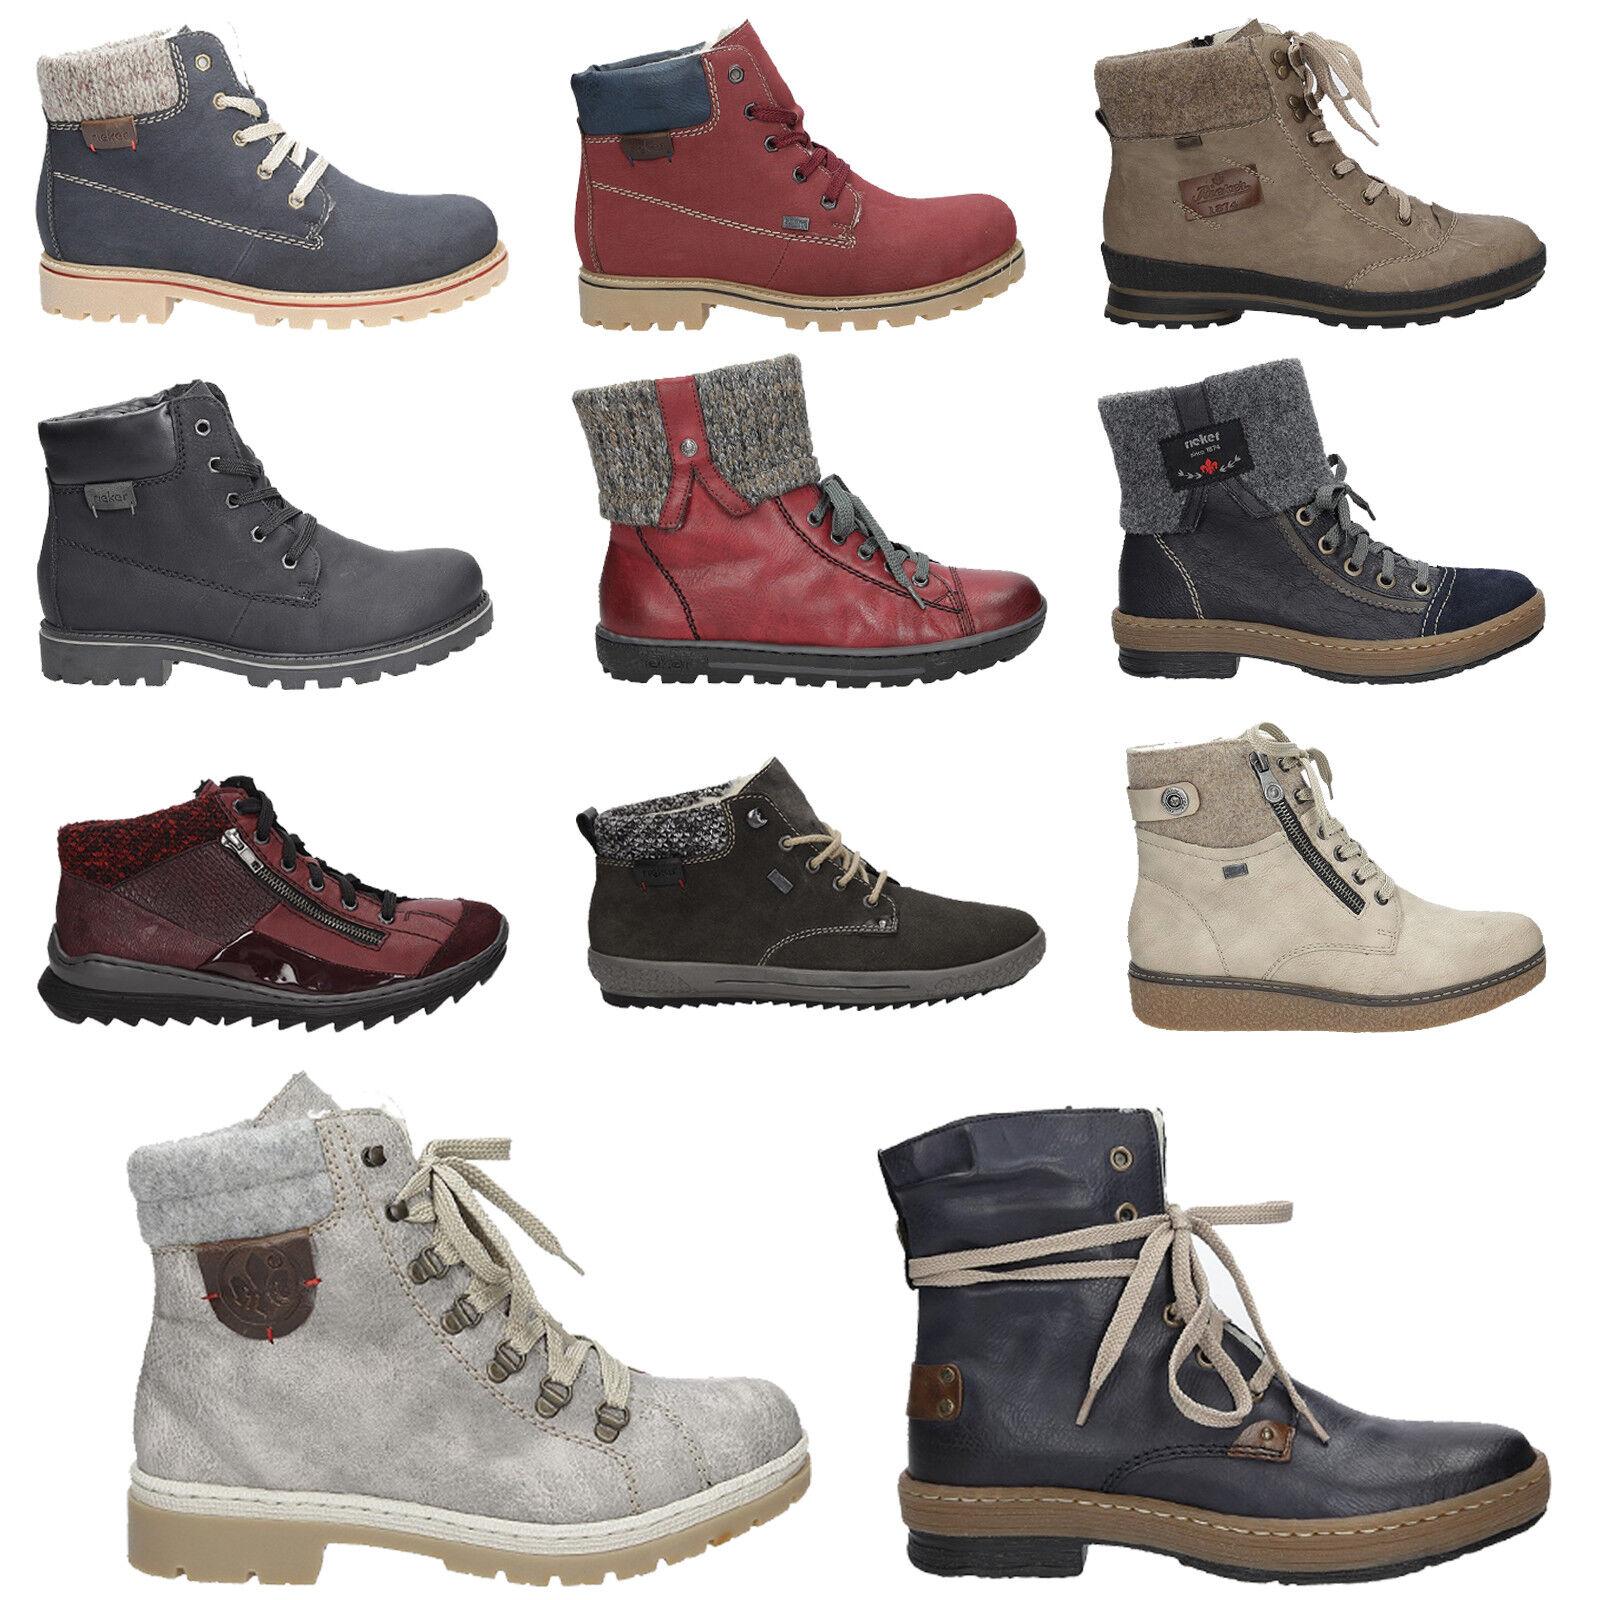 Rieker zapatos señora botines invierno cómomujerte zapatos de cordones cálido ocio talla 36-41